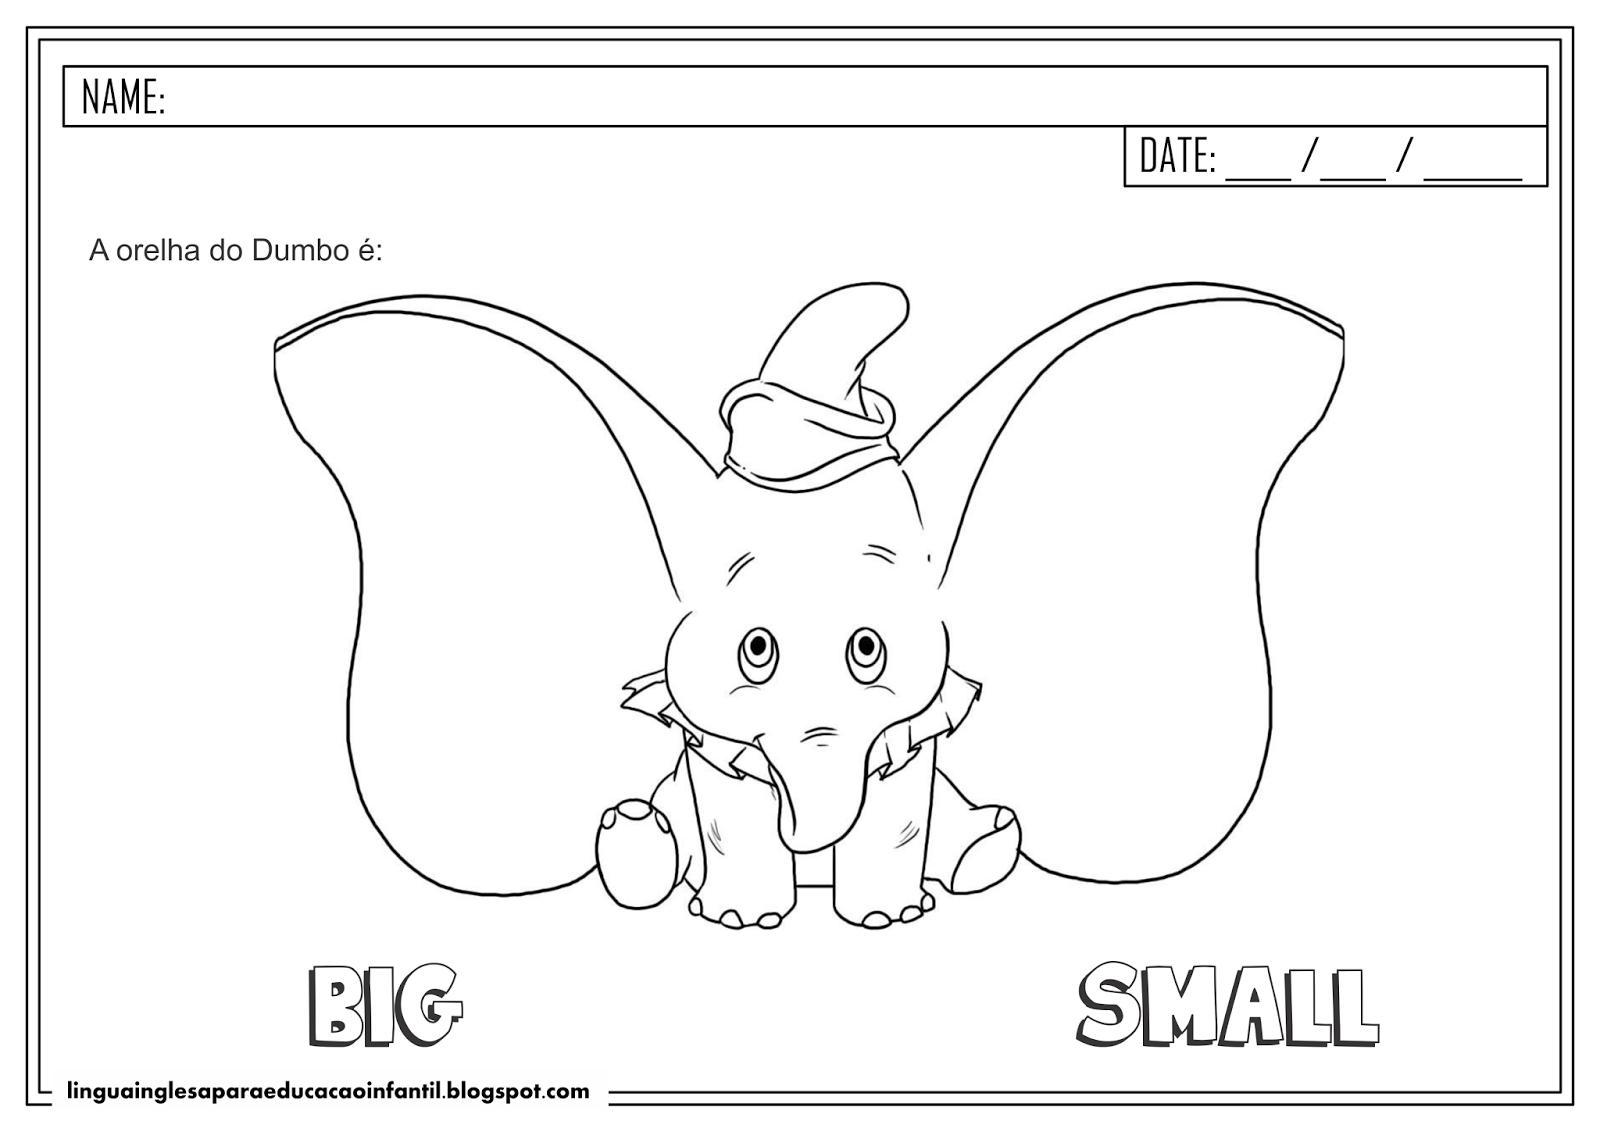 Atividade de Inglês - 'Big' e 'Small'